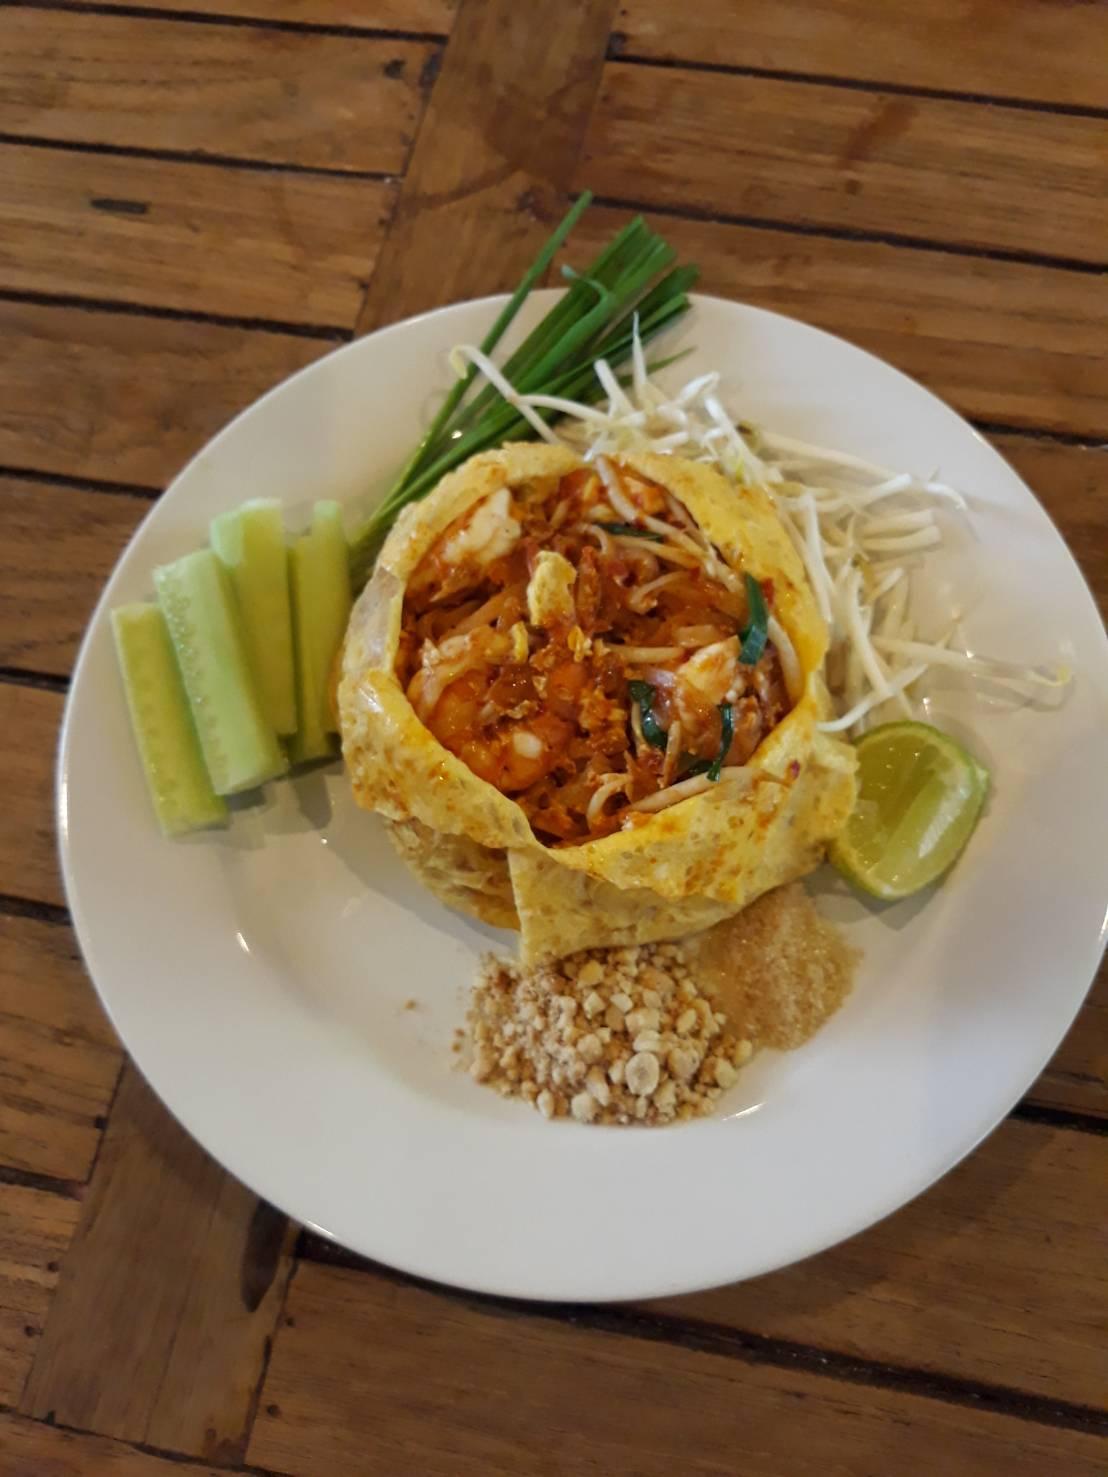 ครัวพระยาภูเก็ต-ผัดไทยห่อไข่